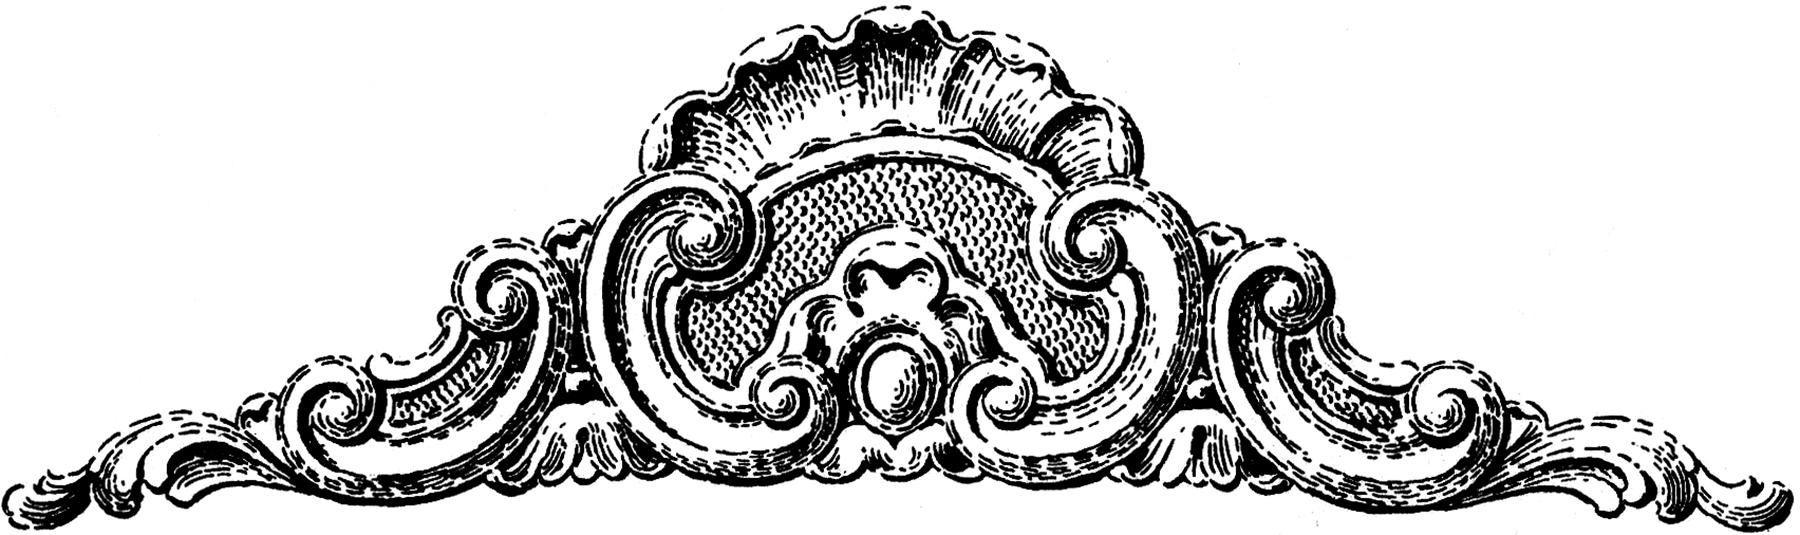 Furniture Ornament Picture